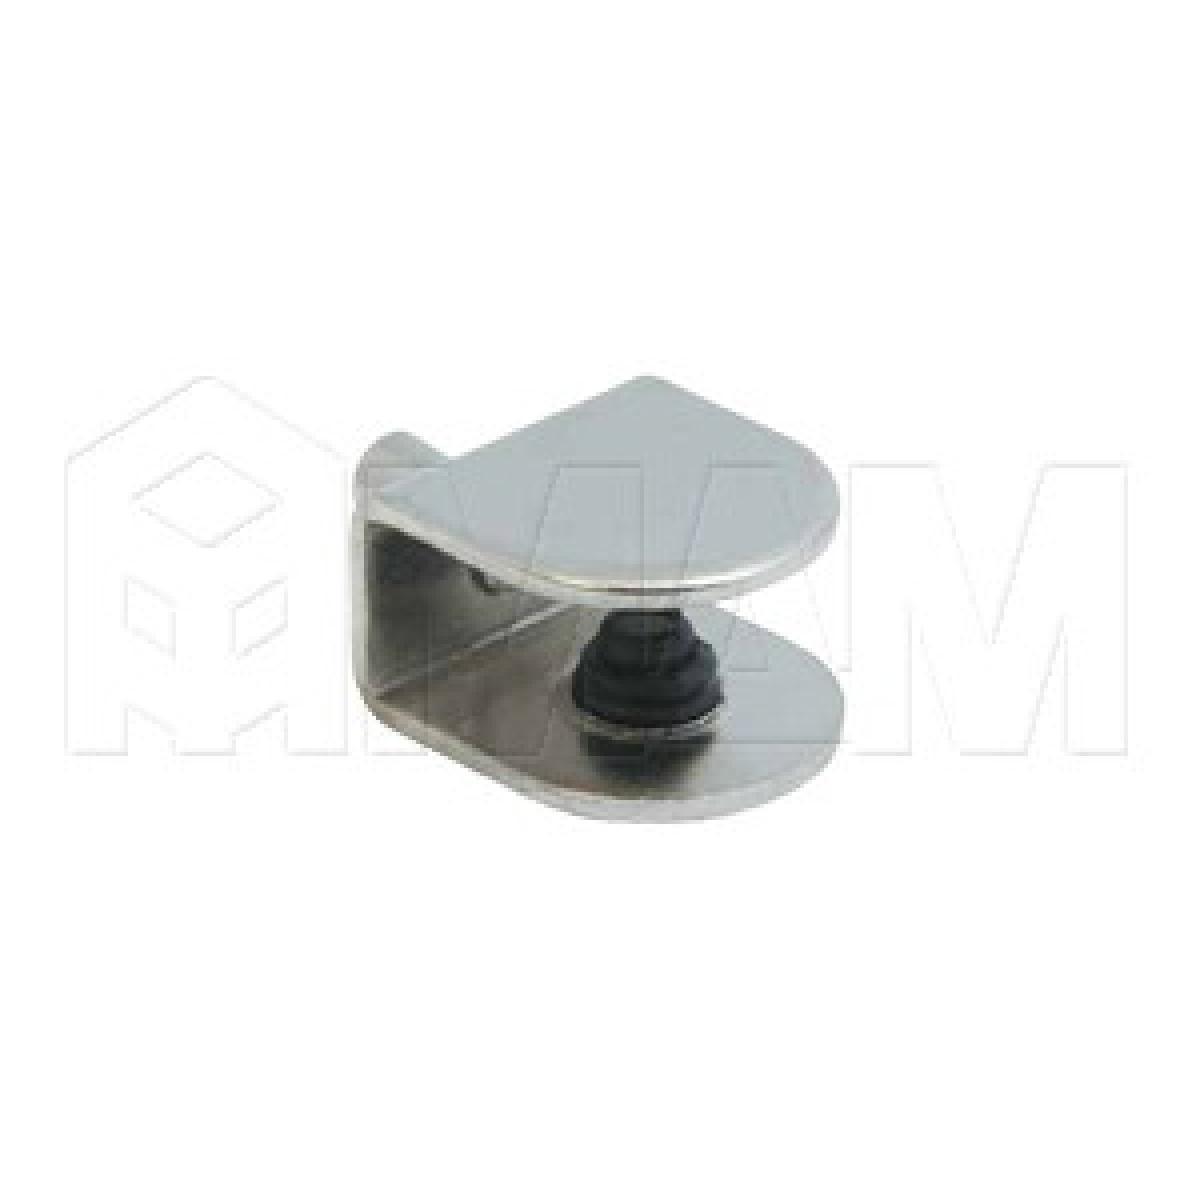 Полкодержатель для стеклянных полок толщиной 5-8 мм, со штоком, никель